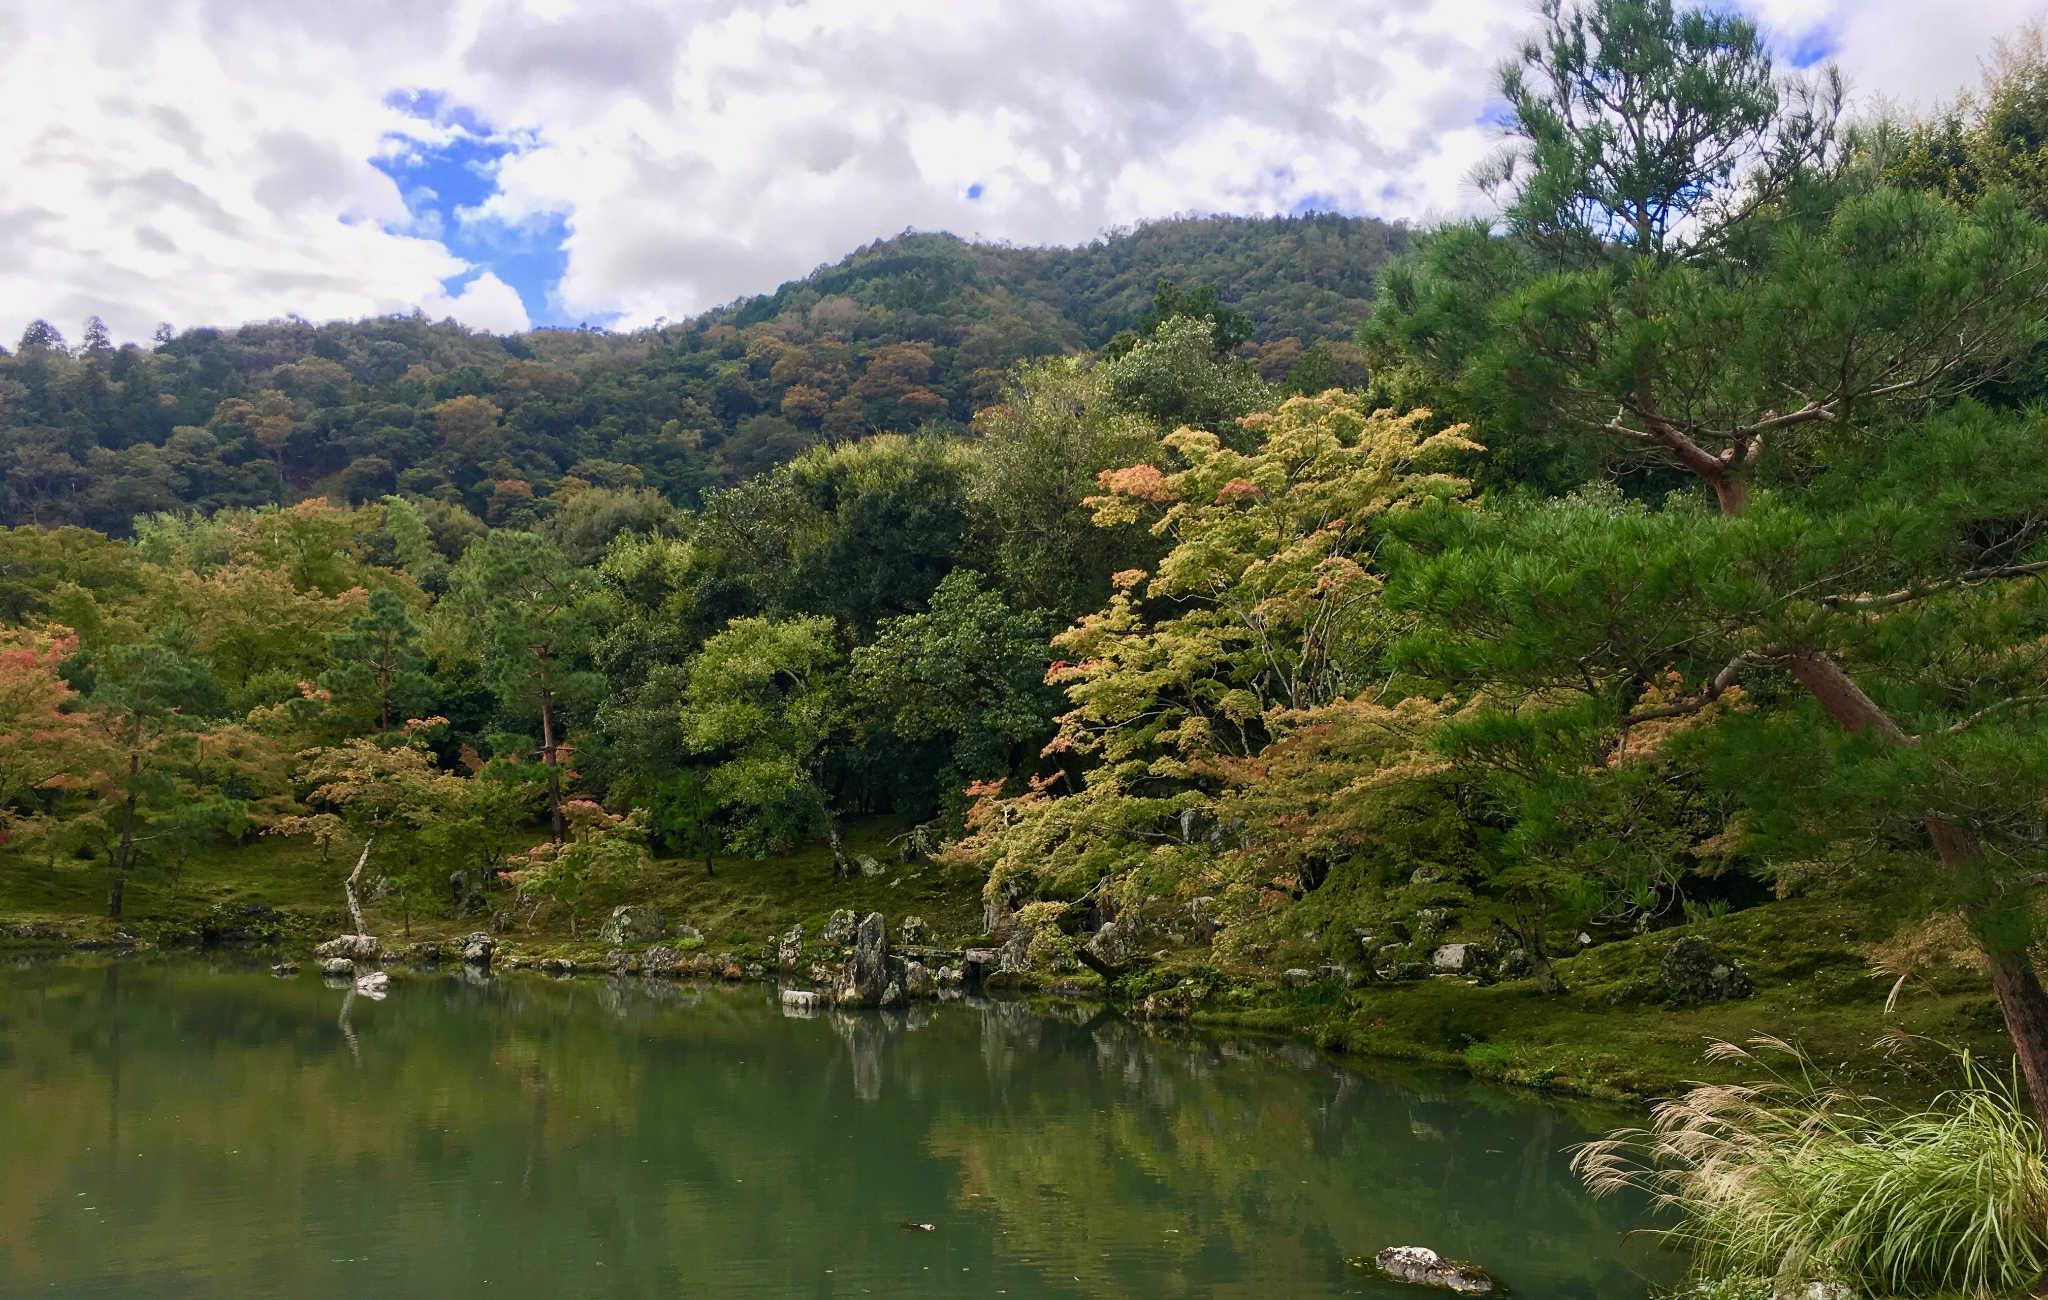 Les érables commencent à prendre leurs couleurs d'automne